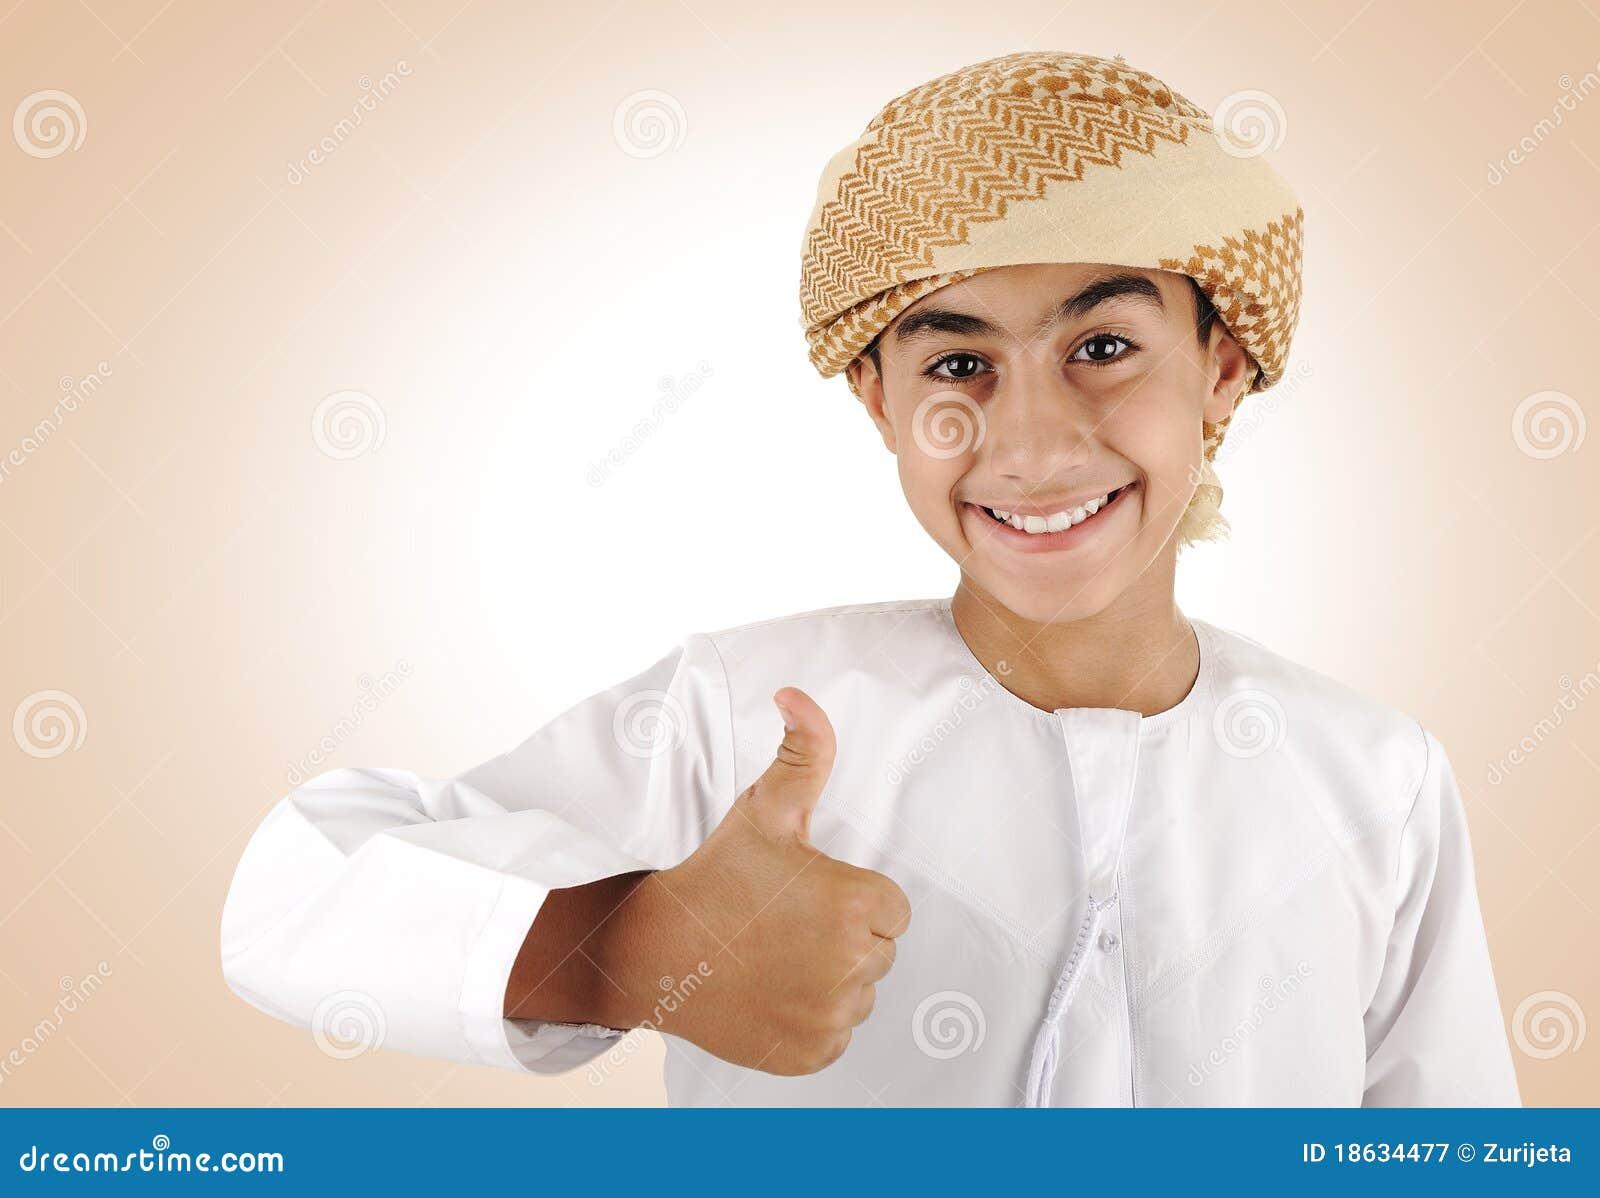 Arabic kid ,thumb up